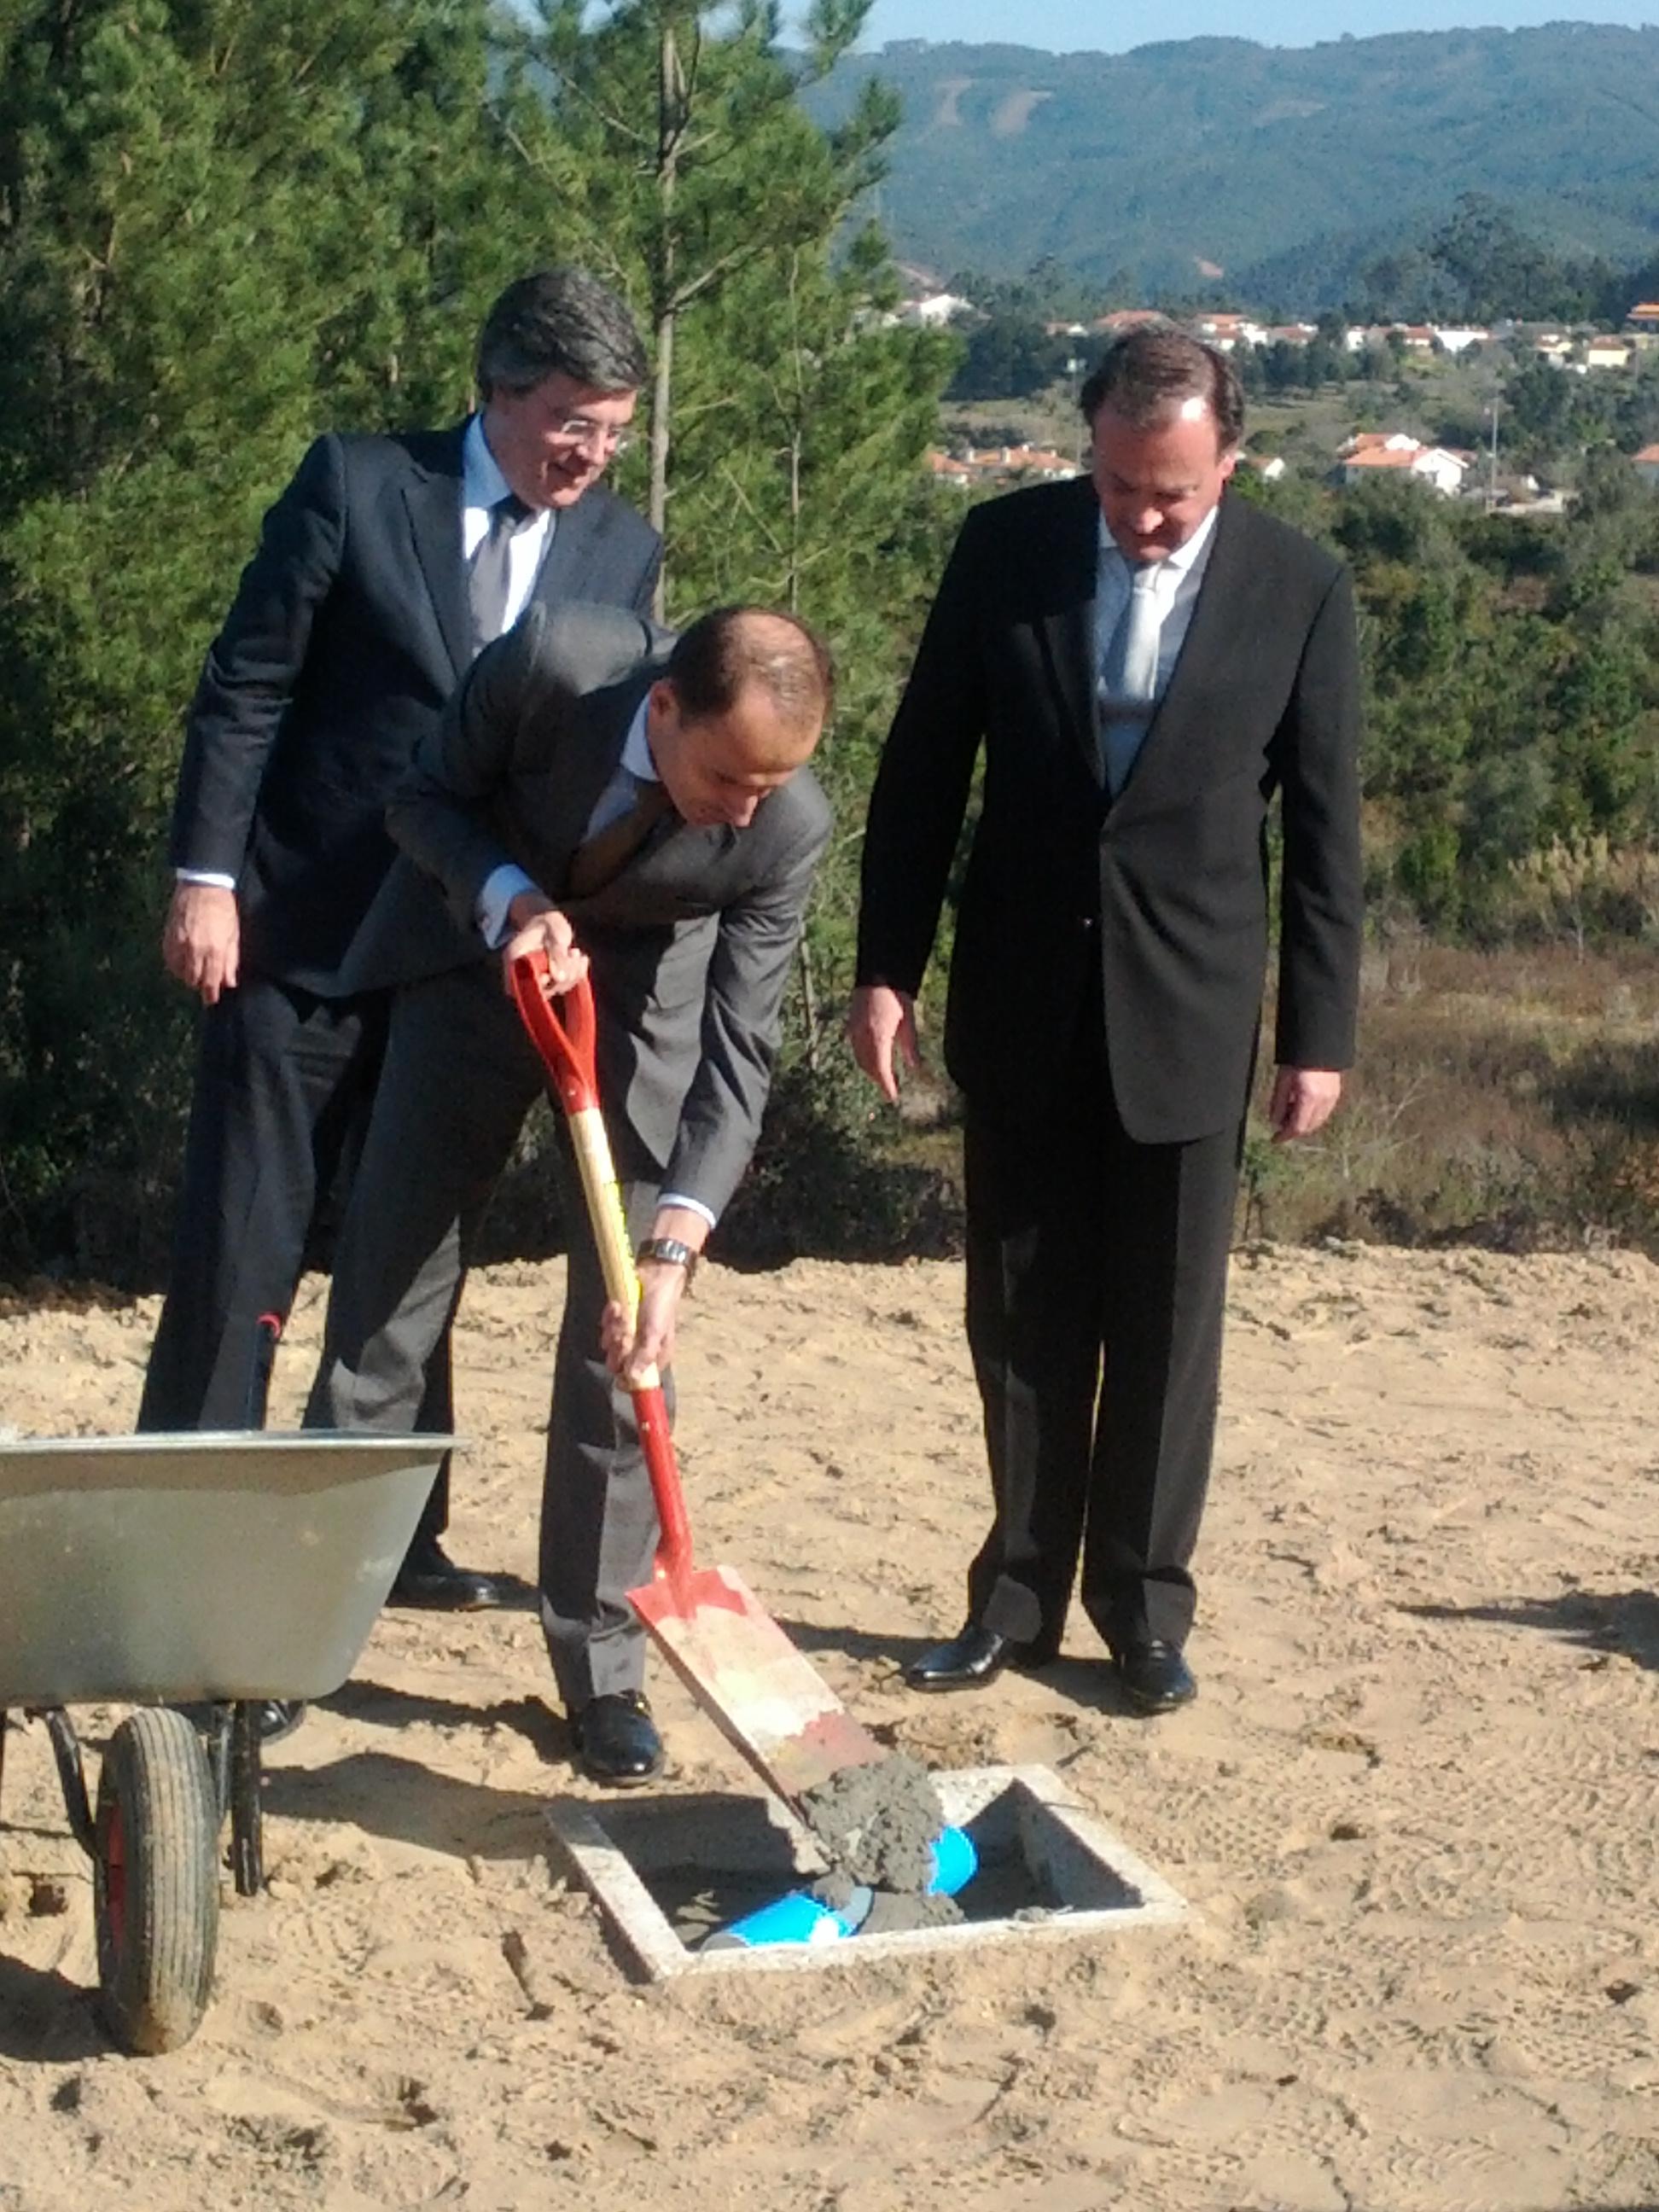 Lançamento da 1ª Pedra da construção do Lar de Idosos Domus Aeminium